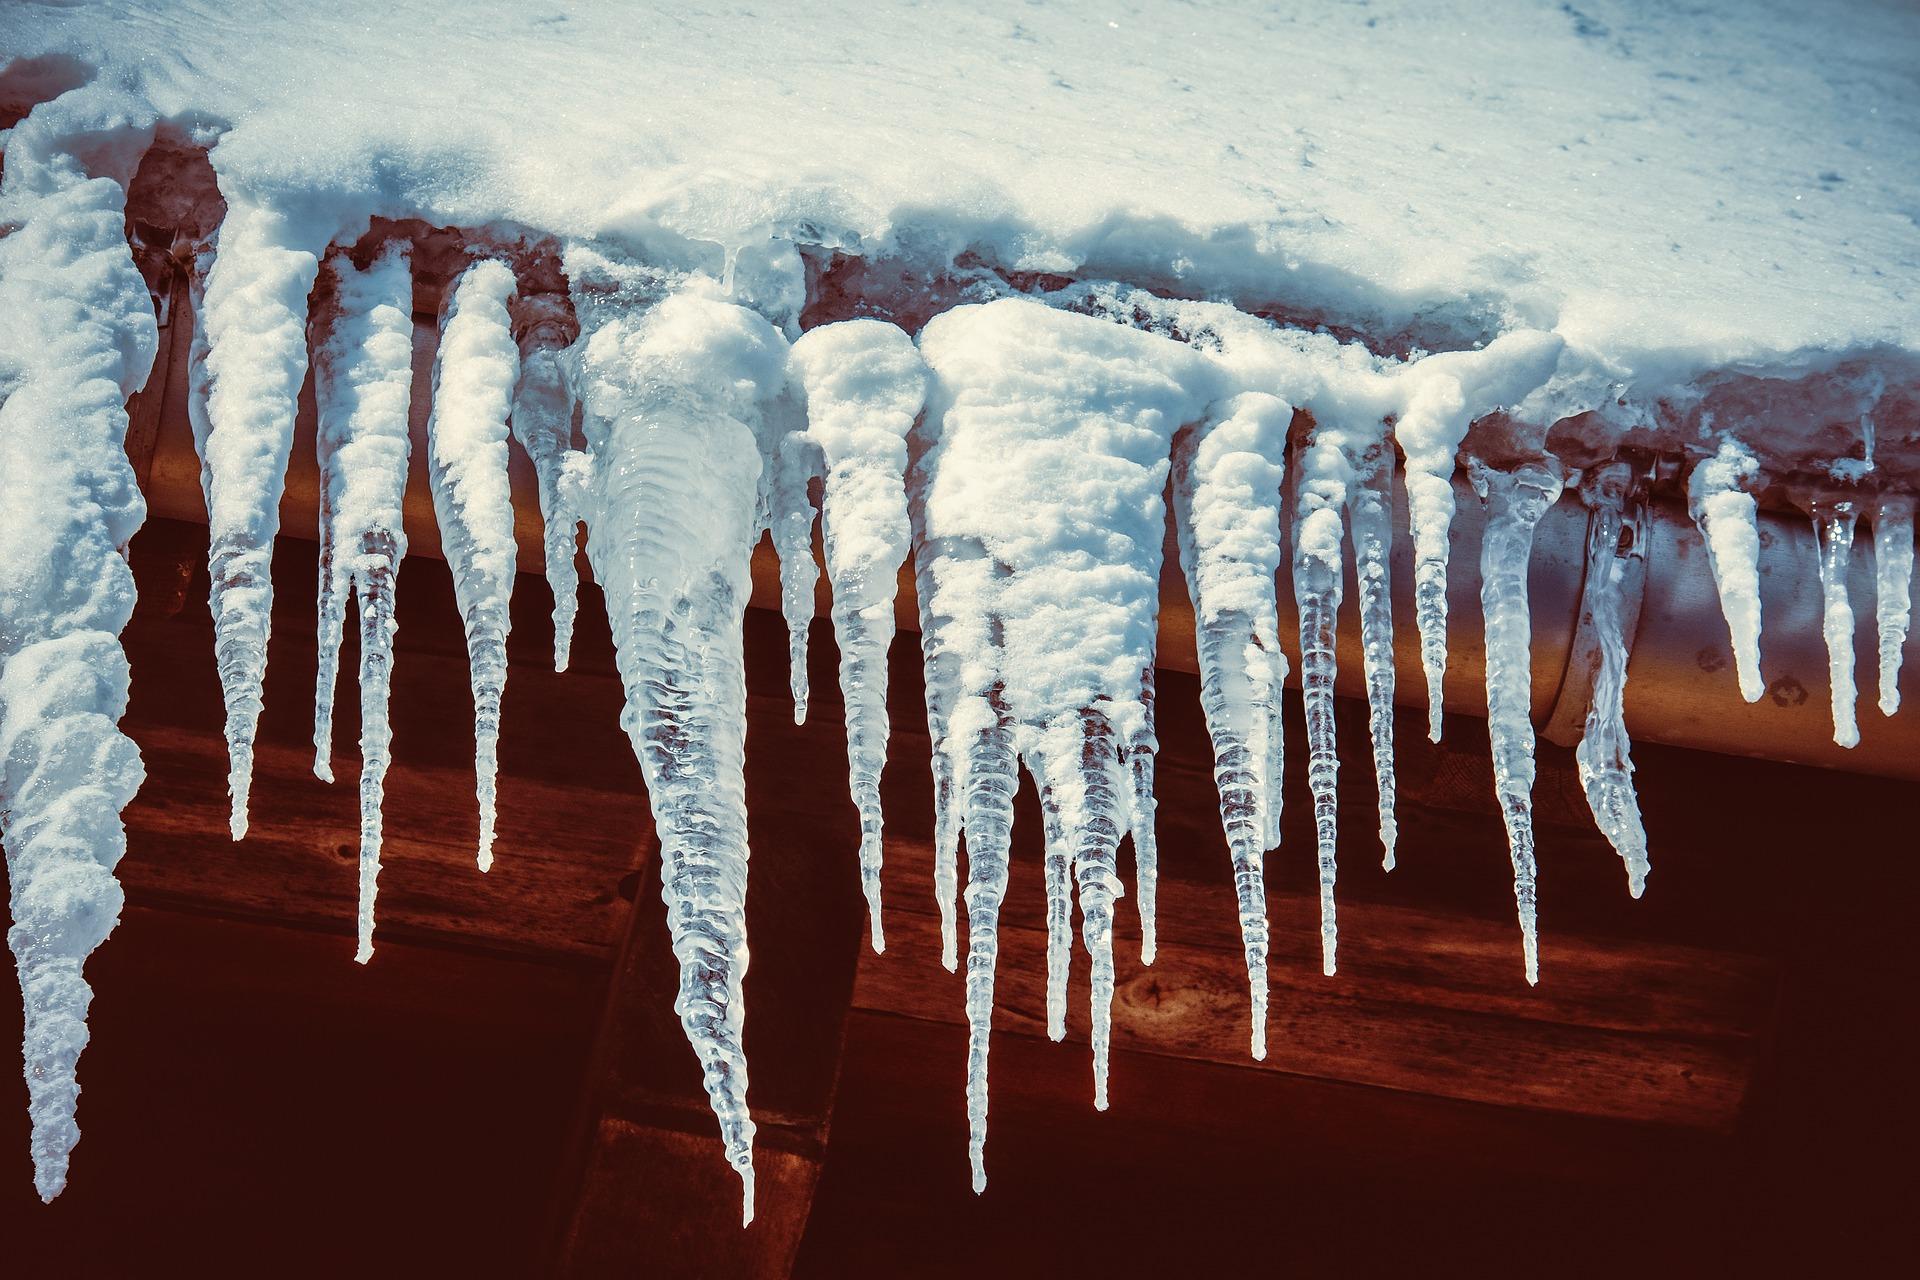 La misteriosa belleza de los cristales de hielo:  ¿expresión natural de la simbología?